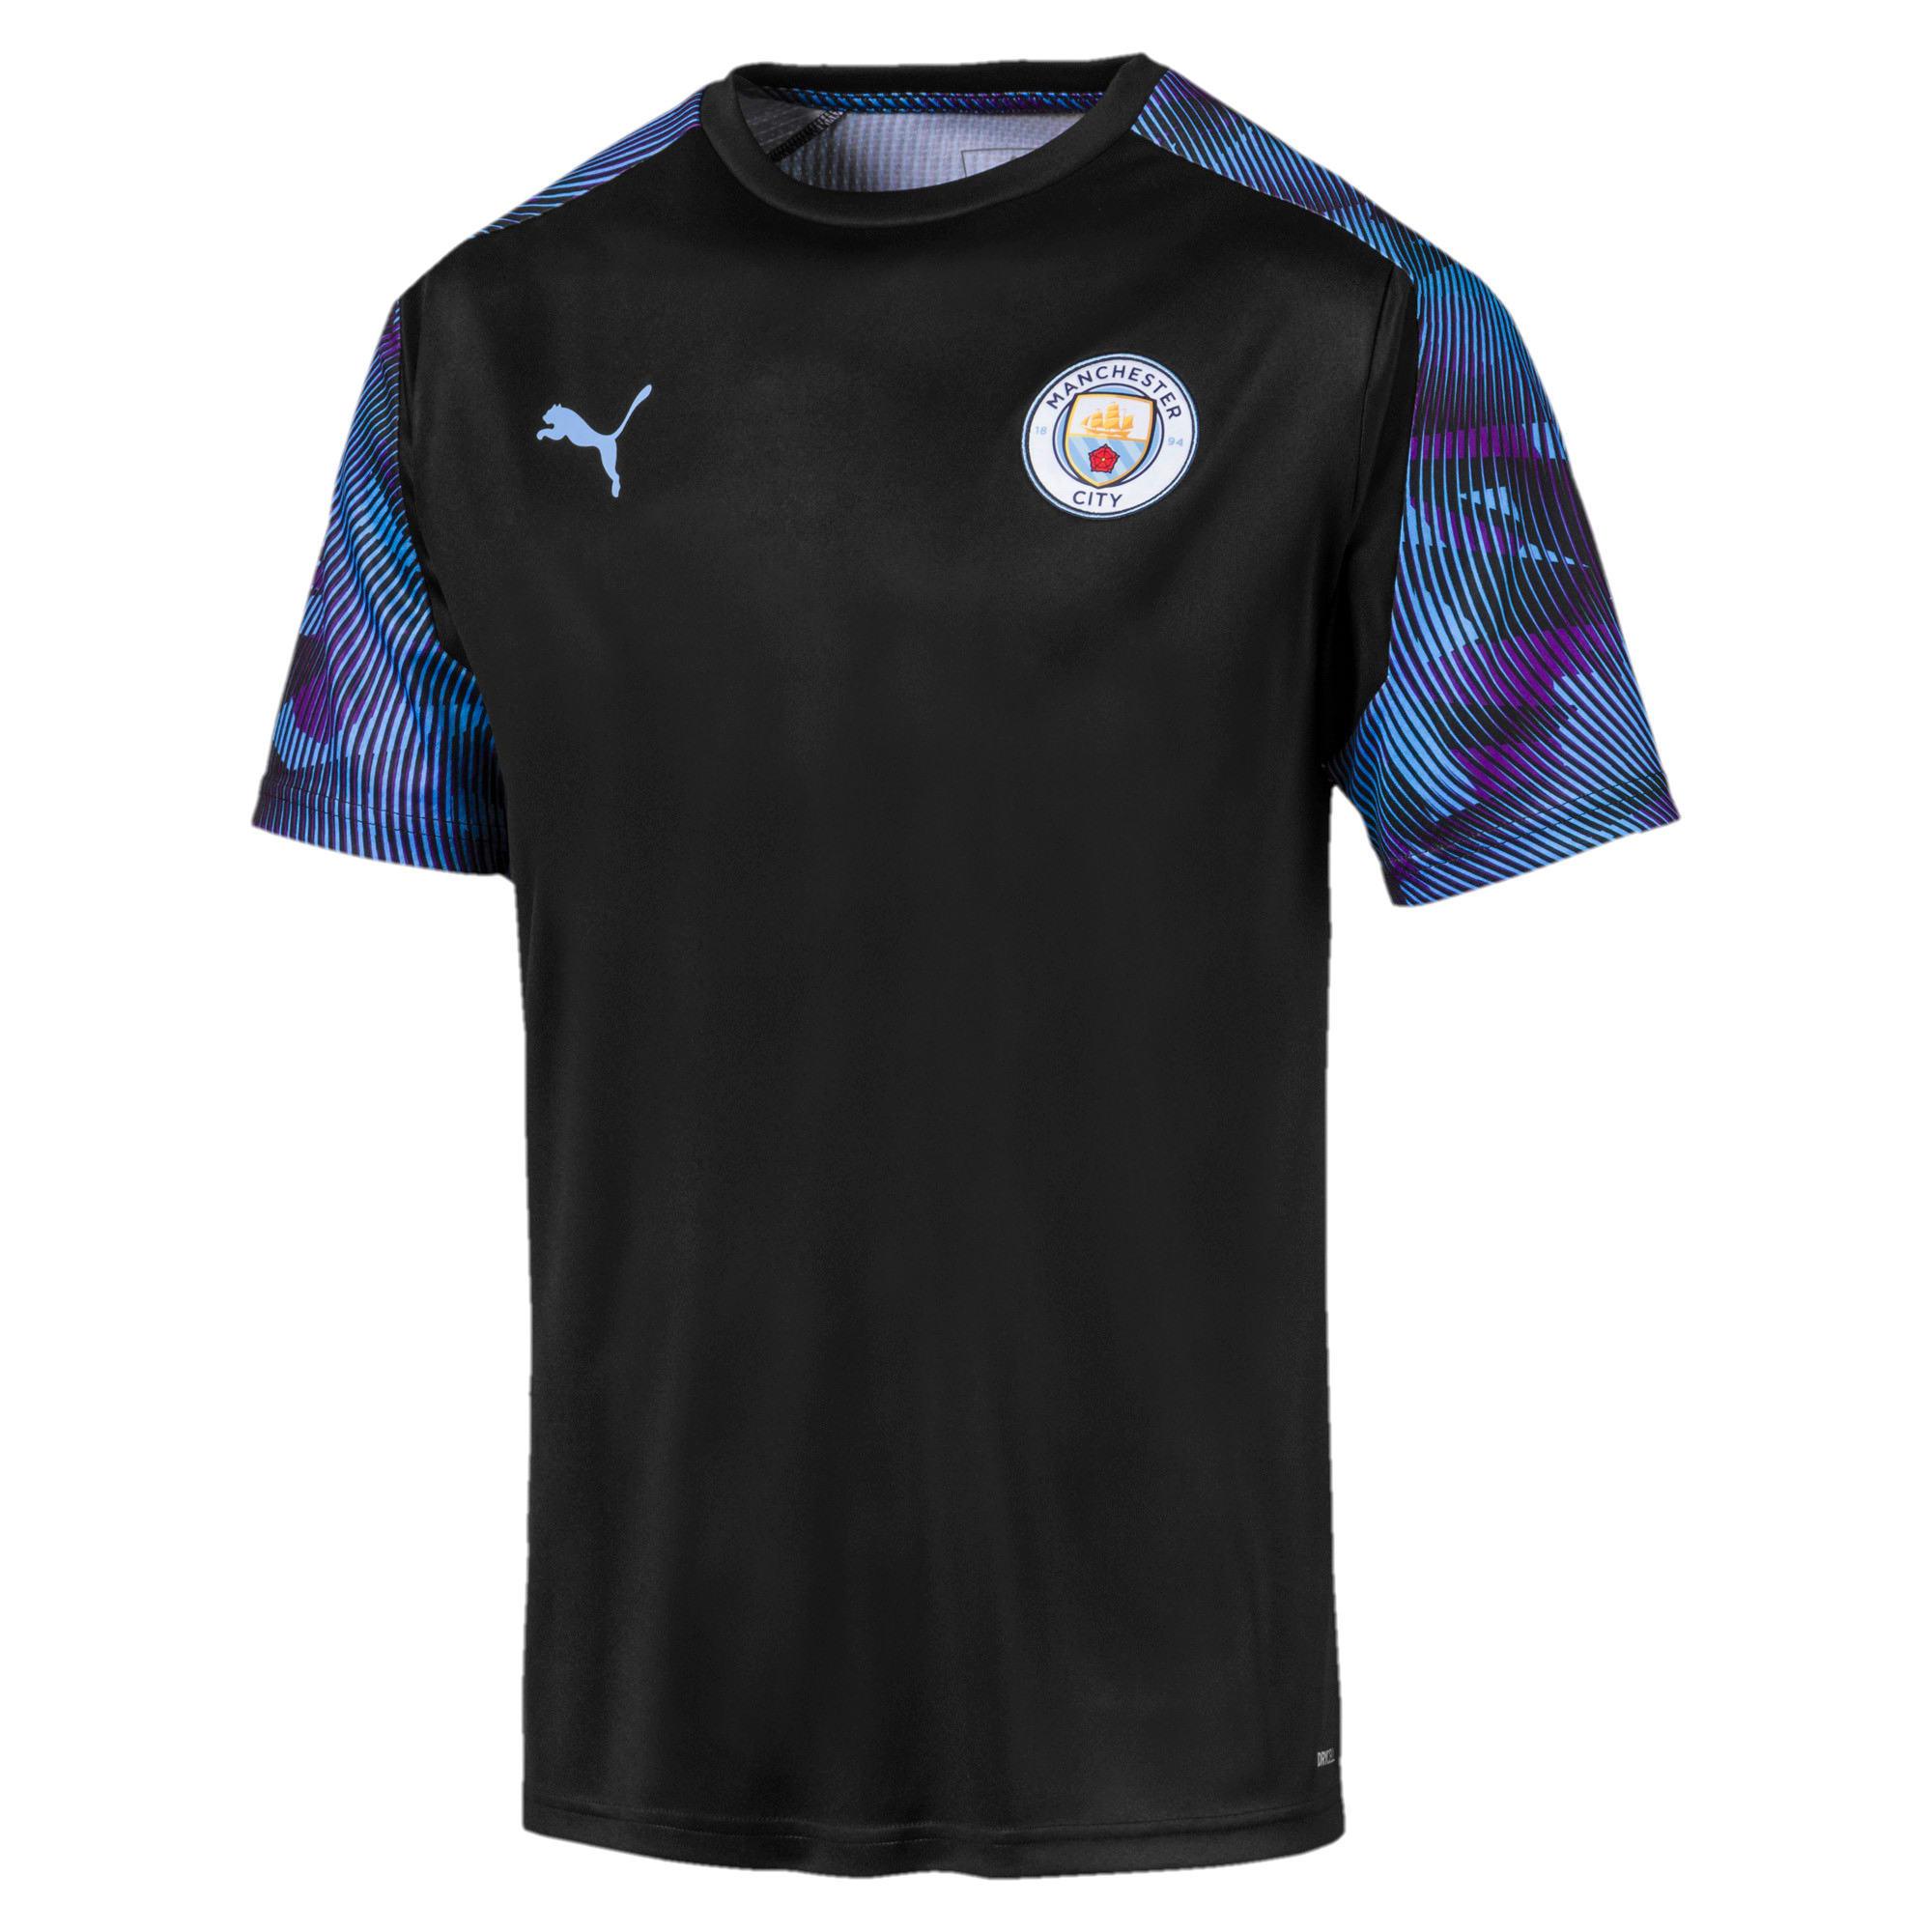 Thumbnail 1 of Maillot d'entraînement Manchester City FC pour homme, Puma Black-Team Light Blue, medium